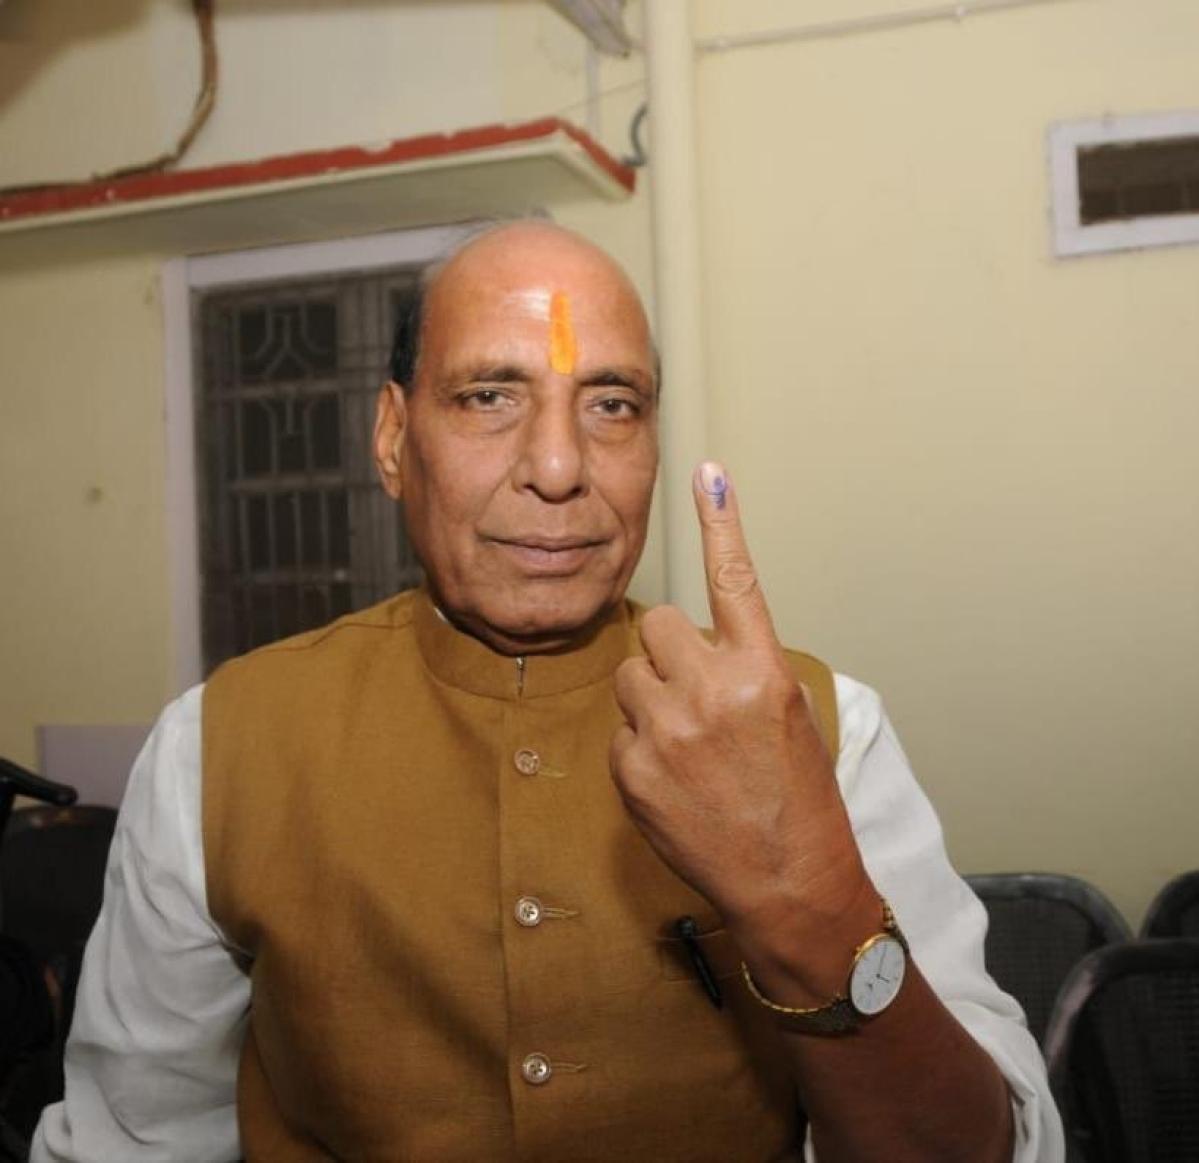 लोकसभा चुनाव: पांचवें चरण की 51 सीटों पर मतदान जारी, राजनाथ सिंह, मायावती समेत इन दिग्गजों ने डाला वोट